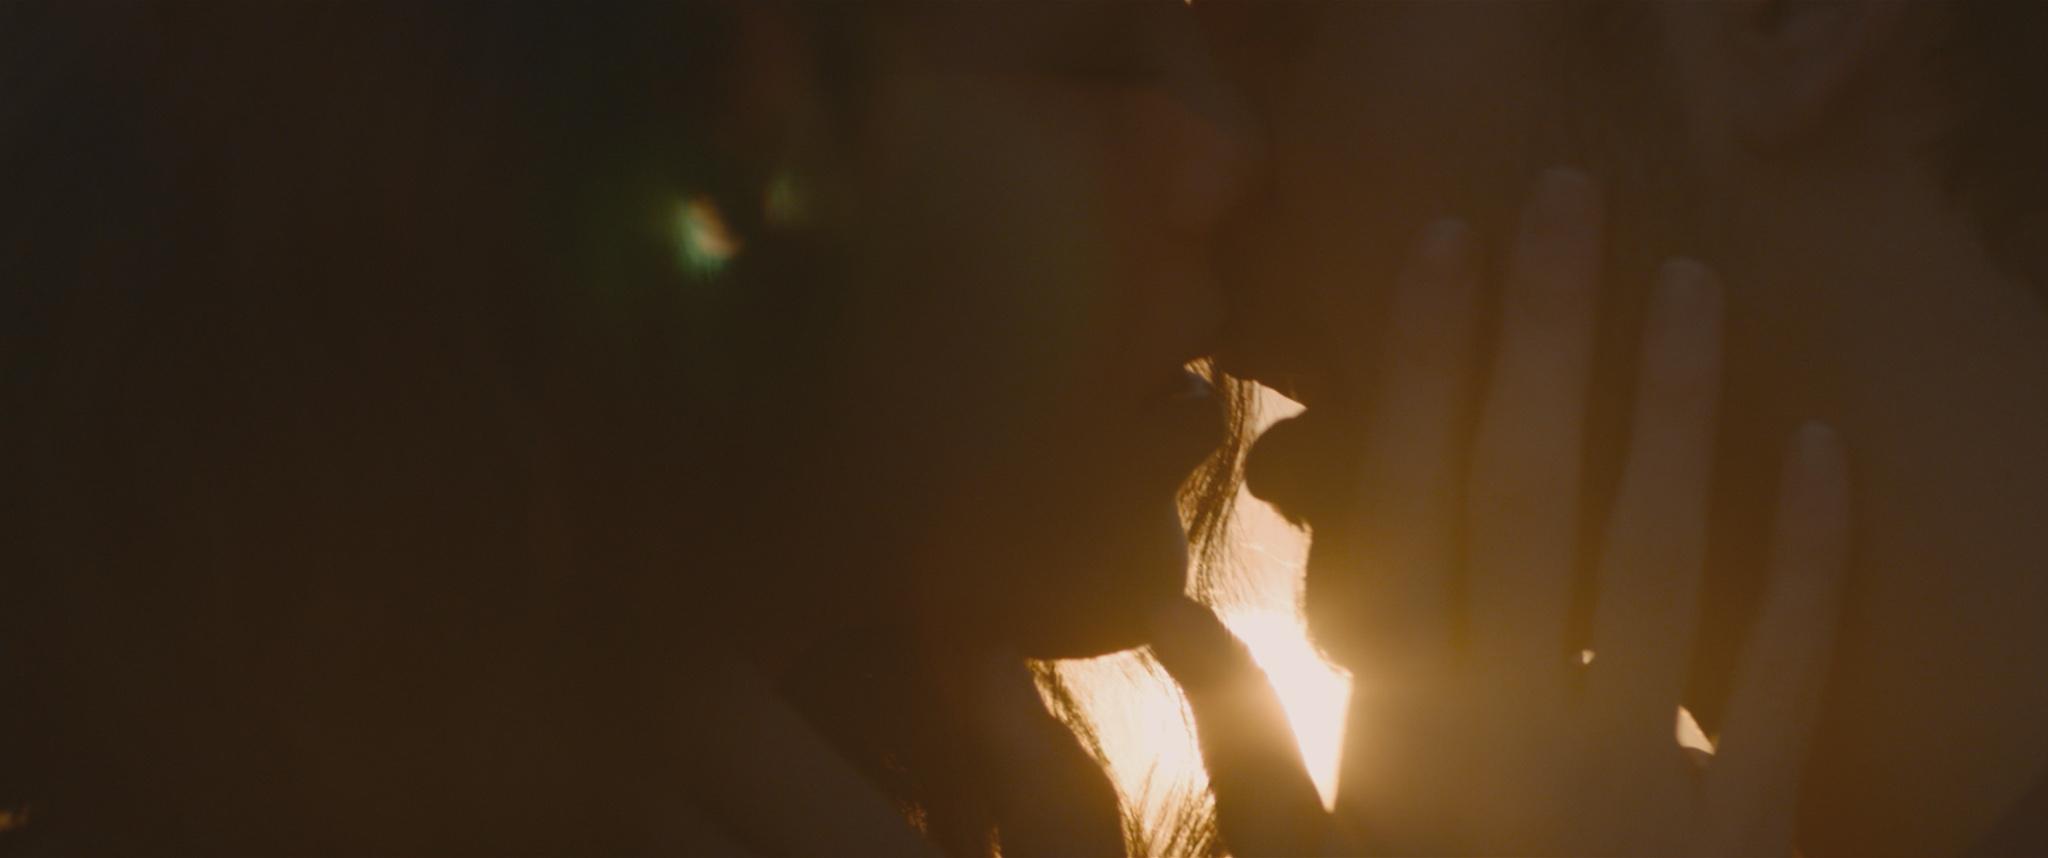 Media_Noche_Antaviana_Films